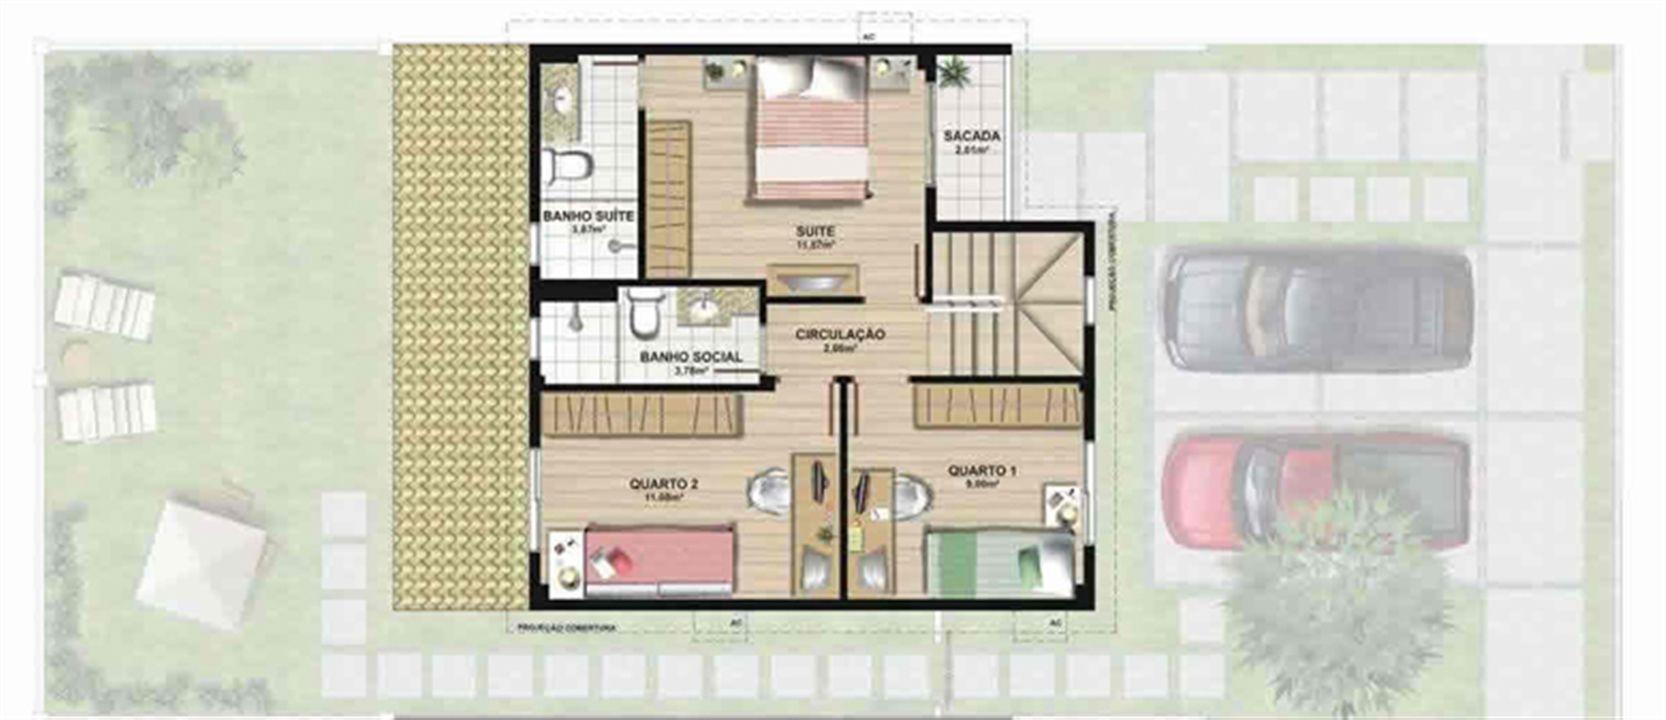 Planta casa A 120,42 m² - superior | Aldeia Parque - Itatiaia – Casana  Colina de Laranjeiras - Serra - Espírito Santo